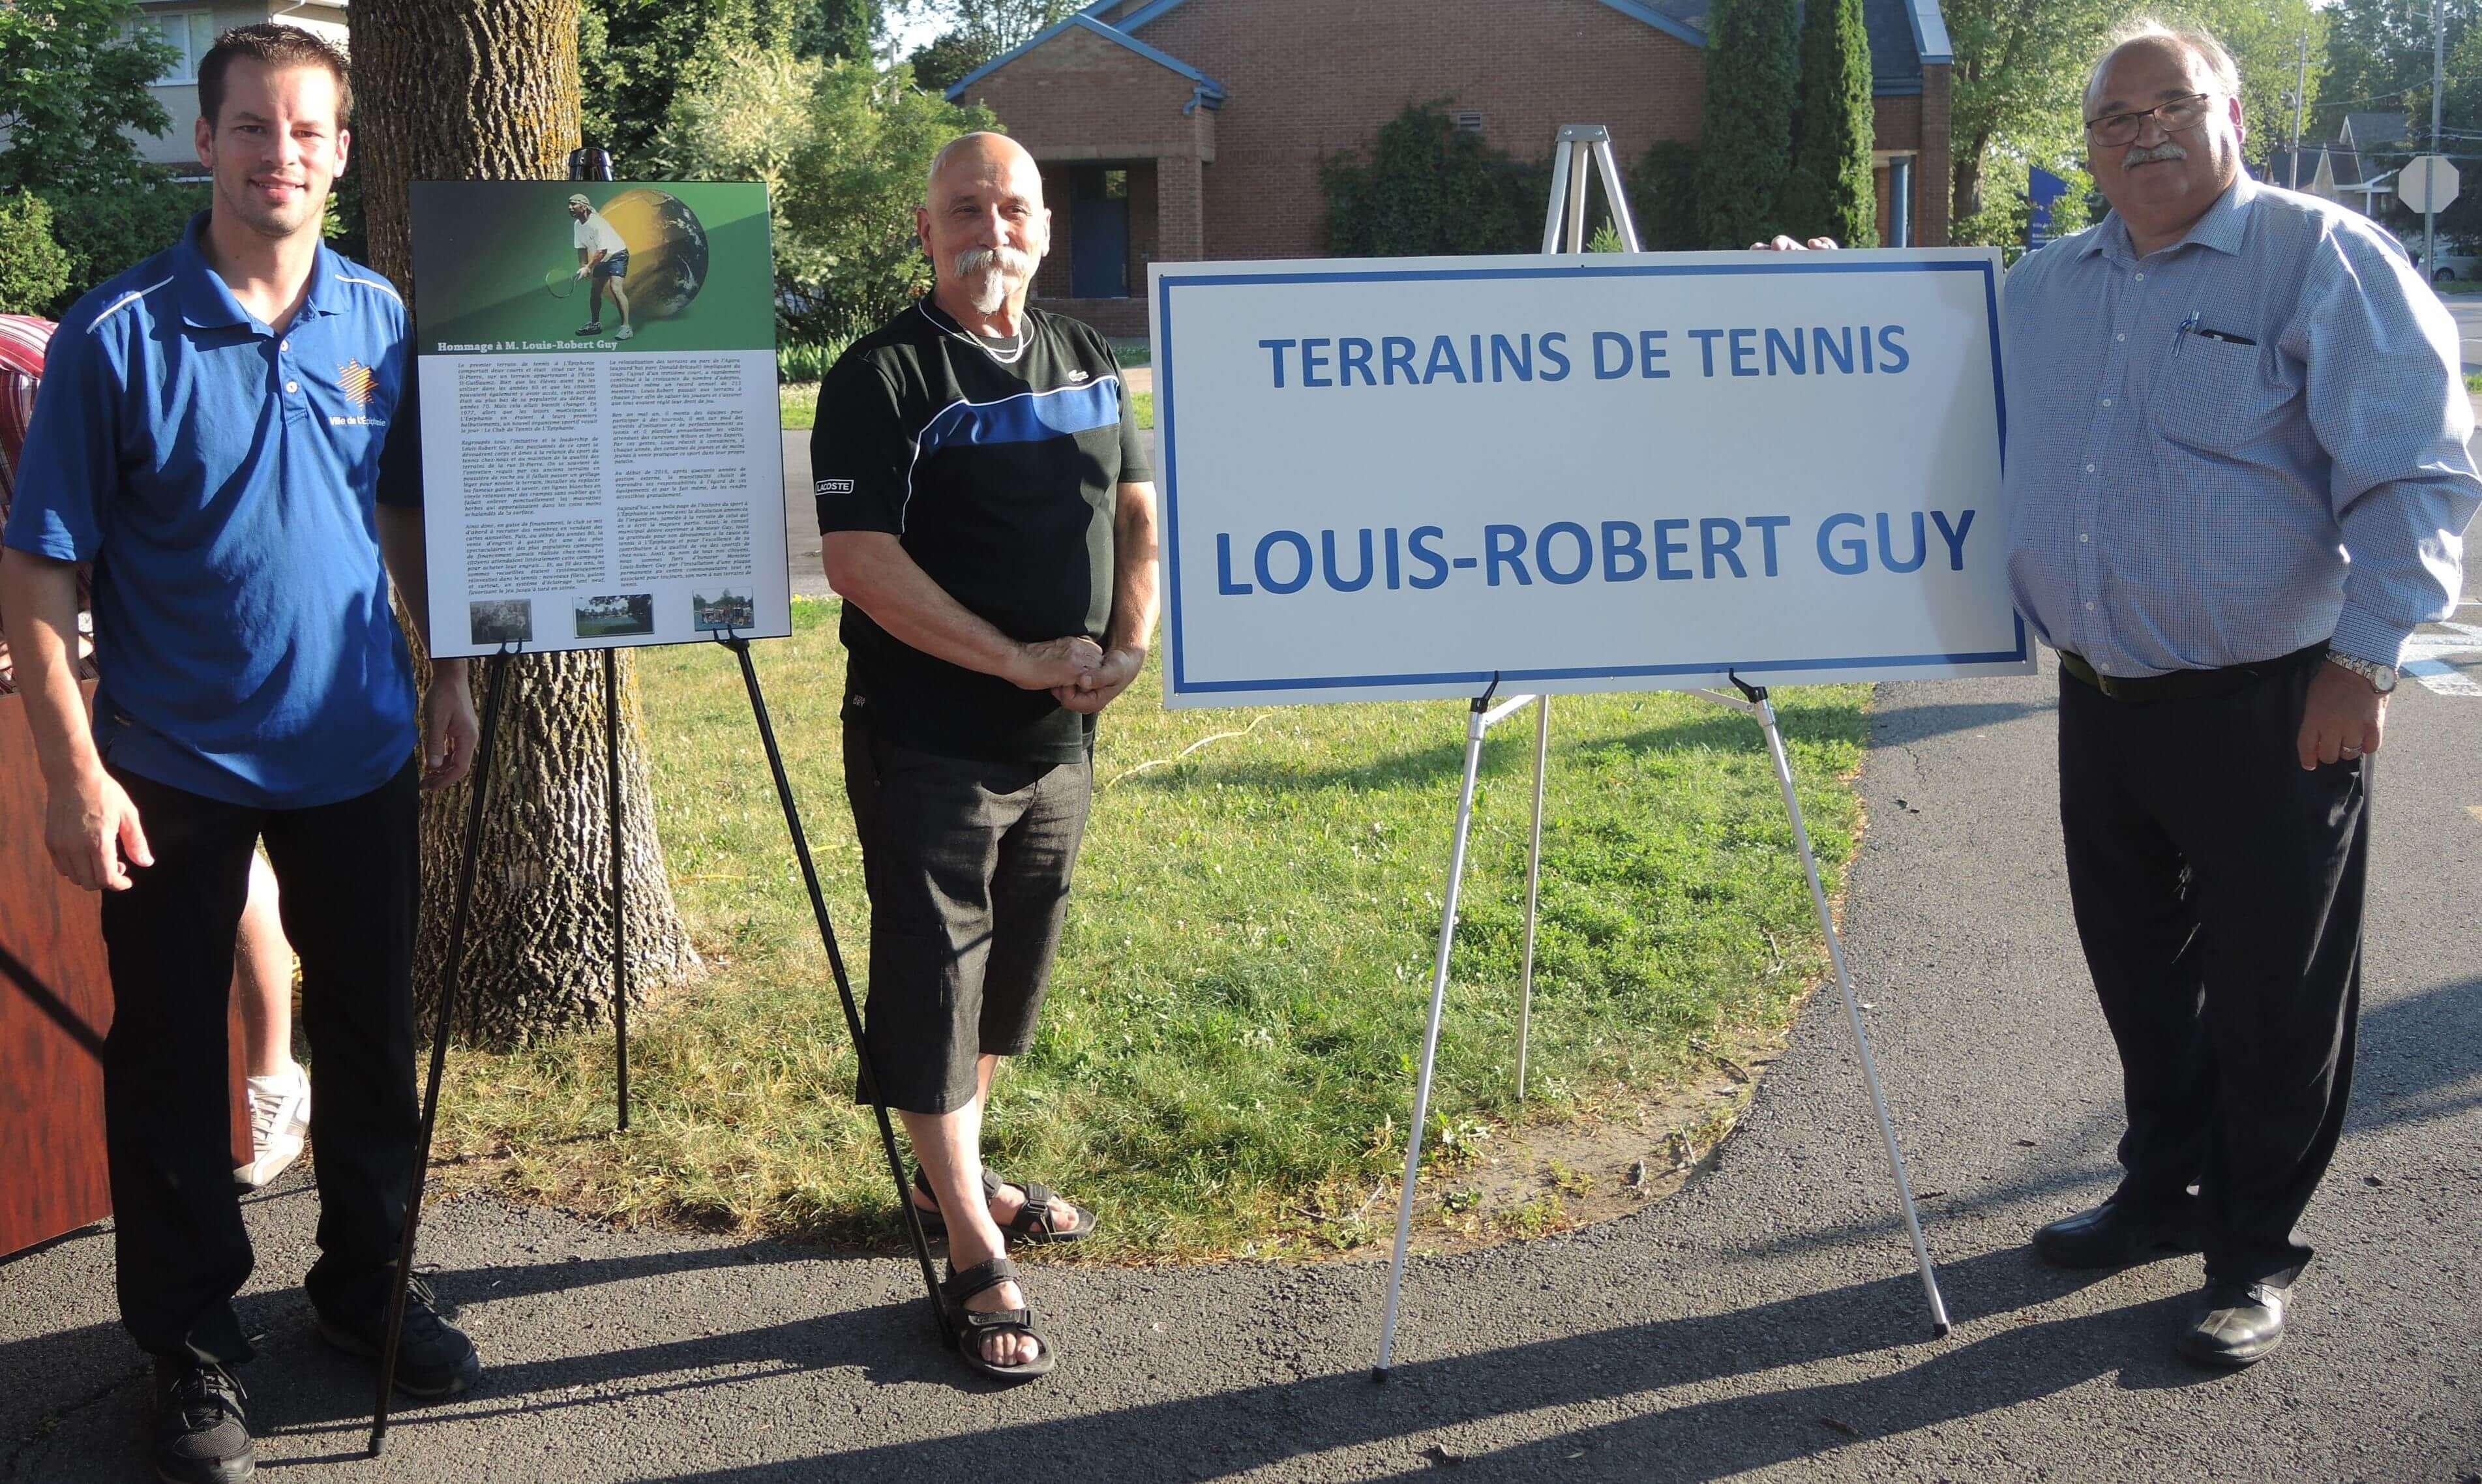 Louis-robert Guy